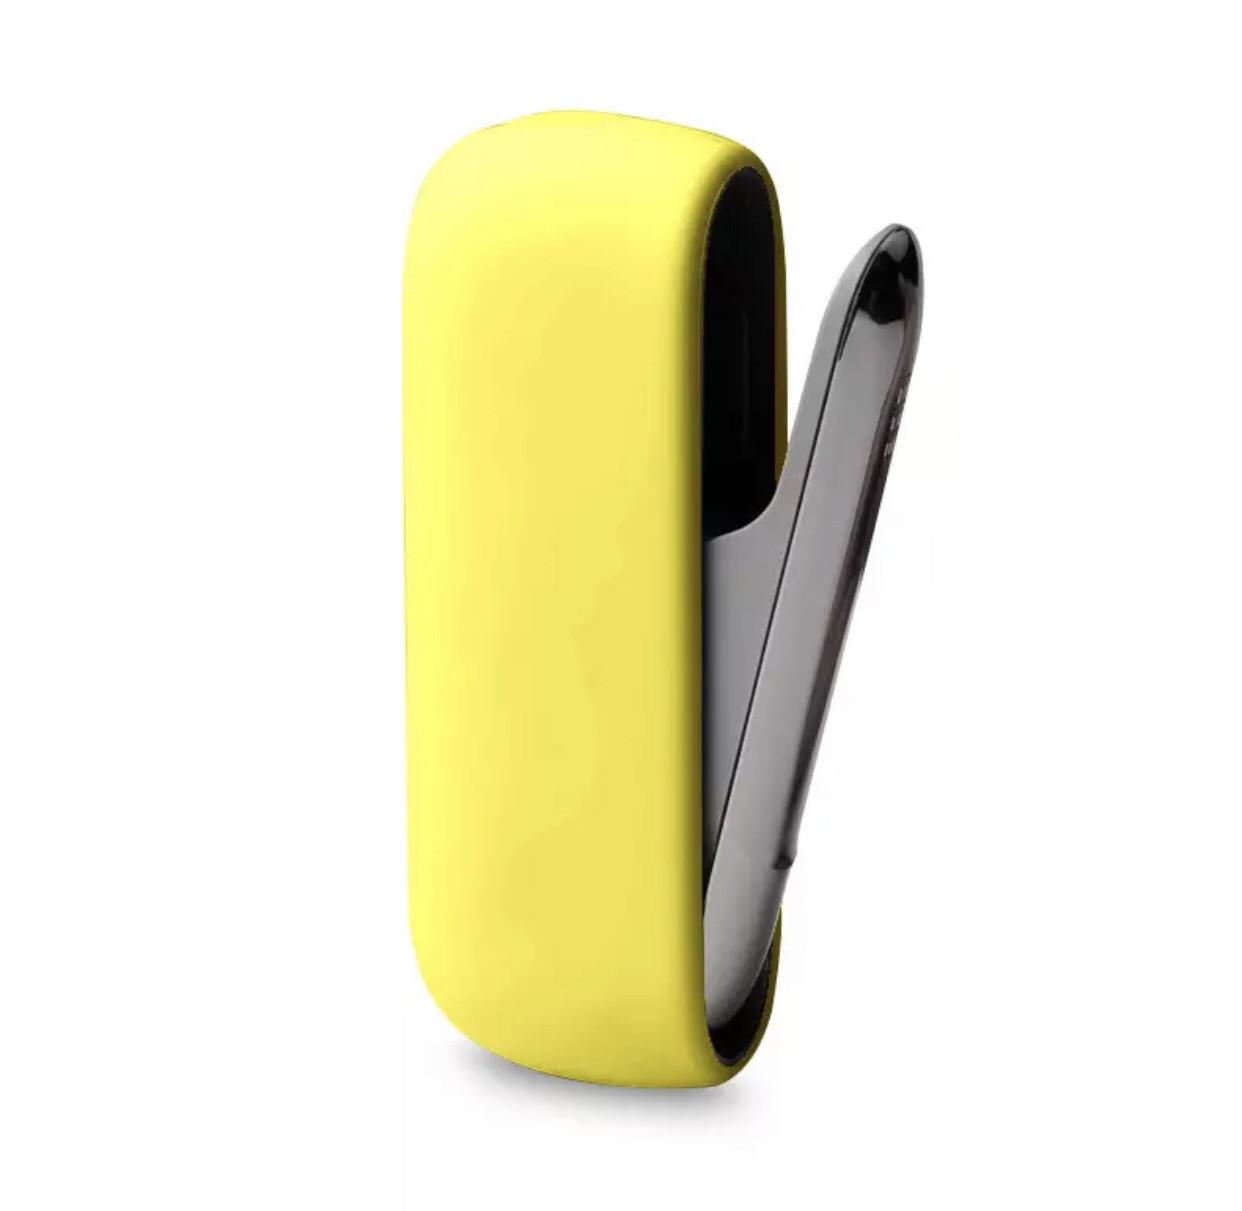 Чехол для IQOS 3 силиконовый, sweet yellow